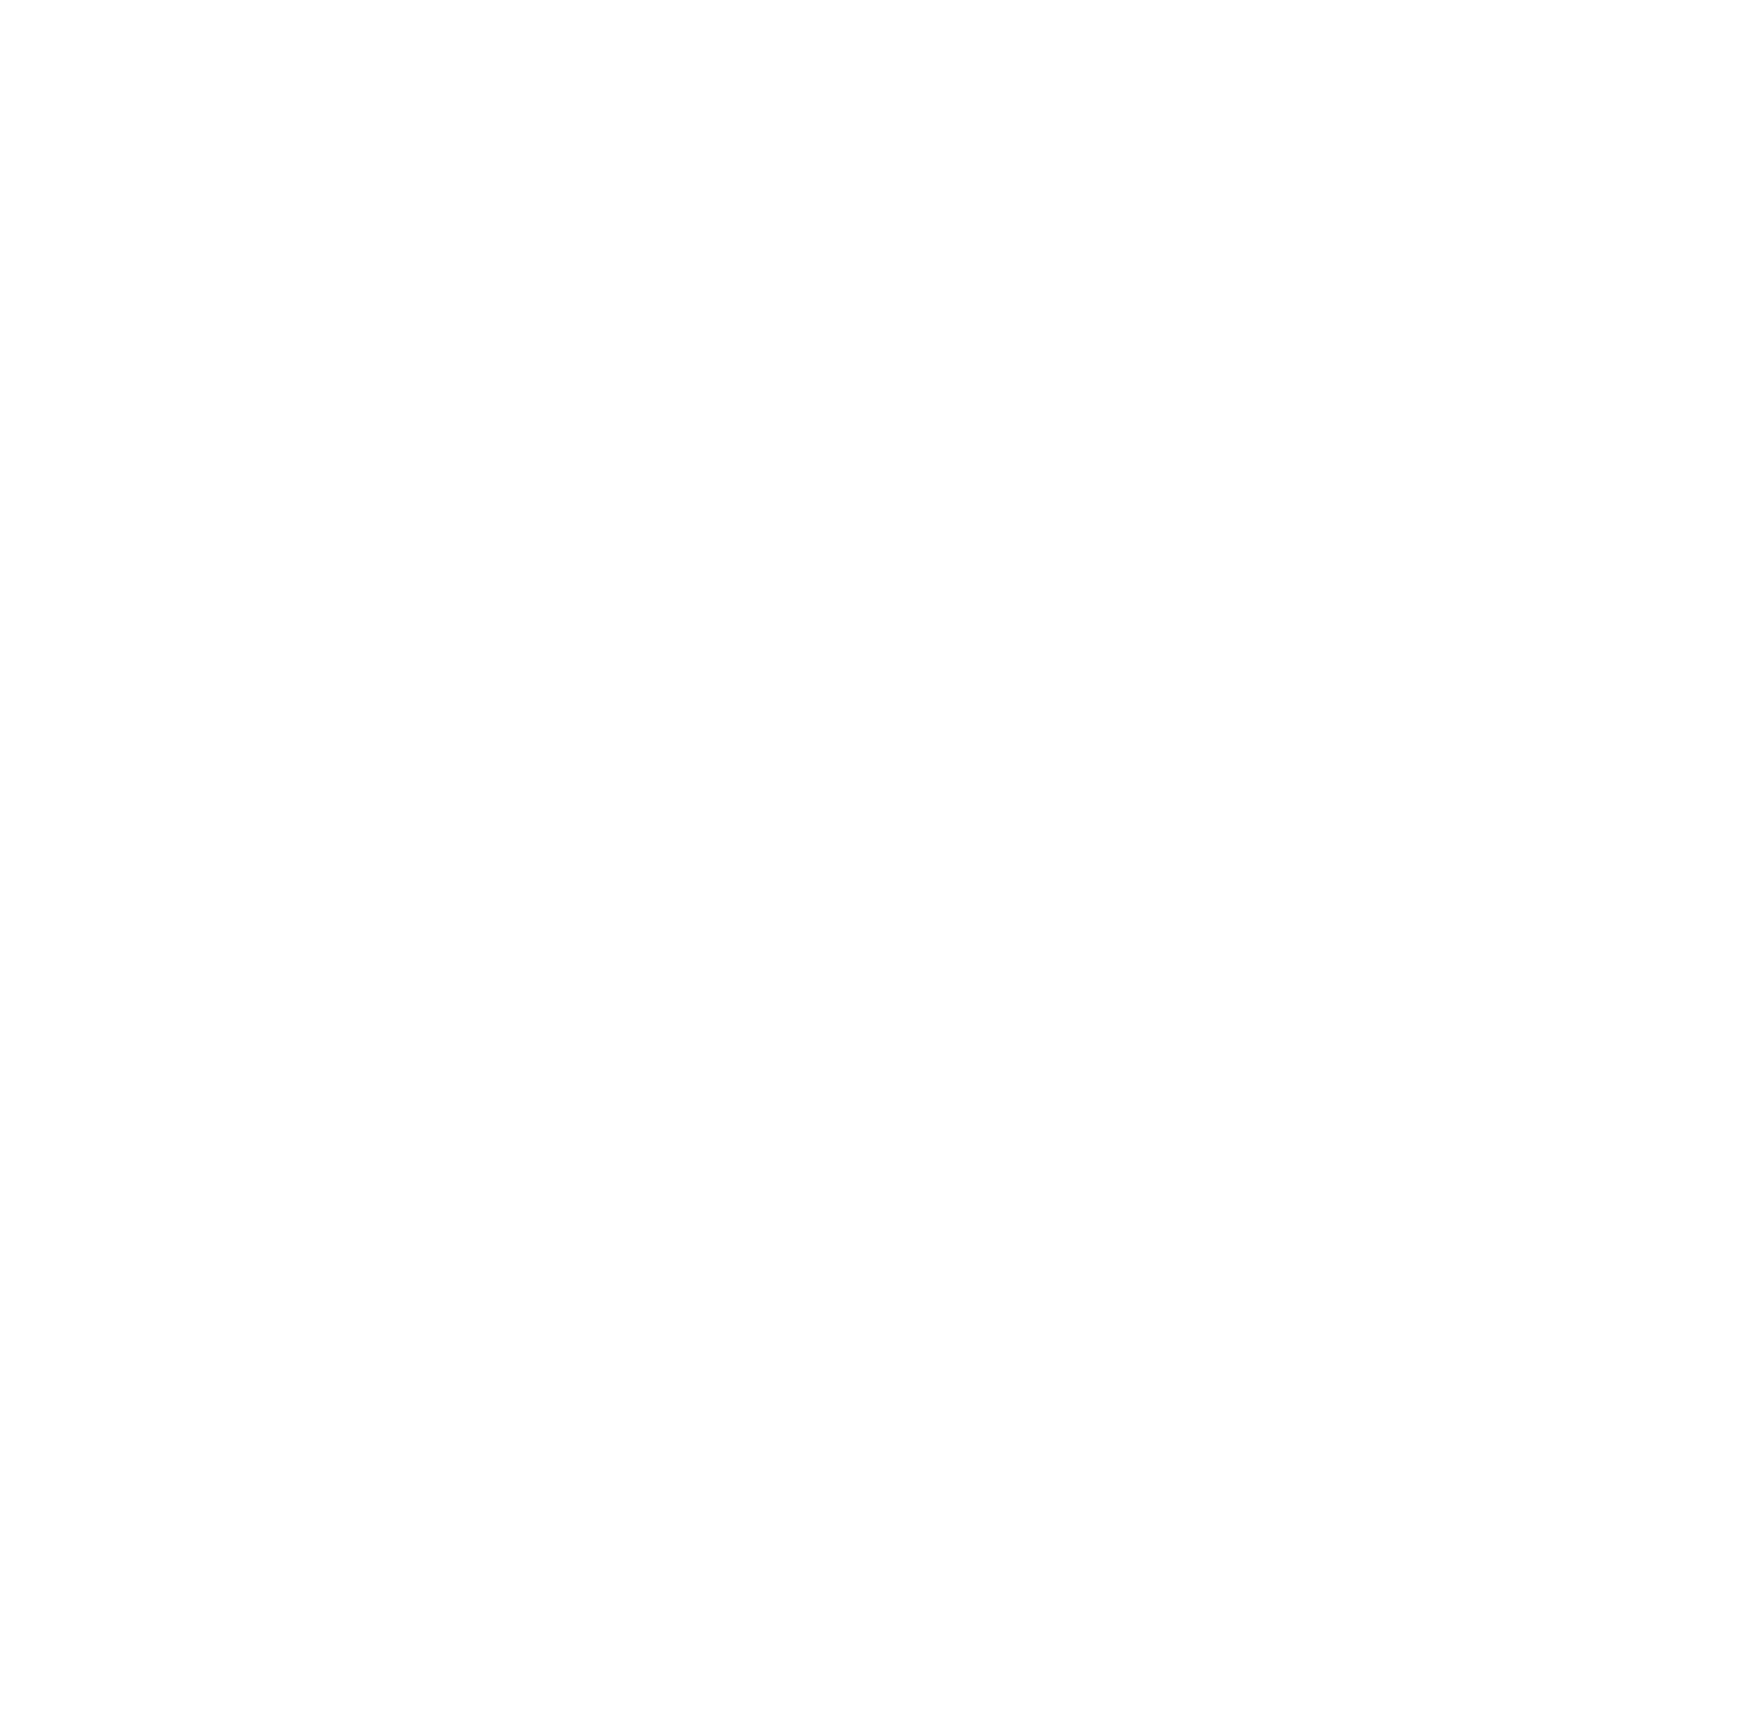 nadrag_hajtoka_nem